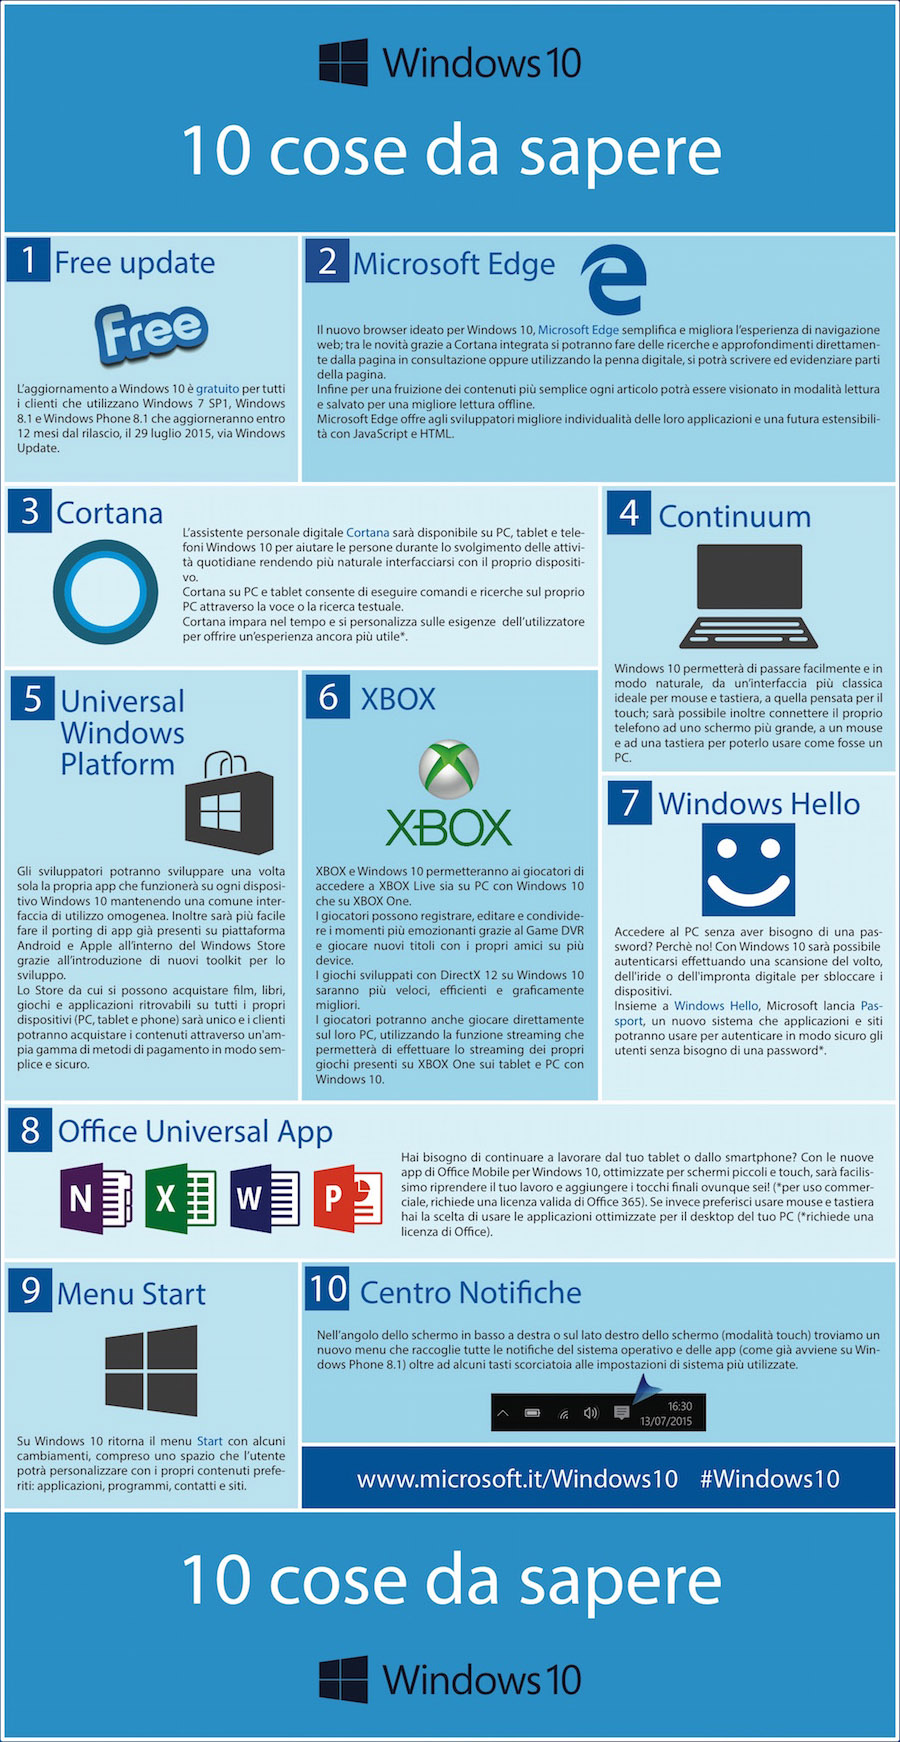 10 cose da sapere su Windows 10